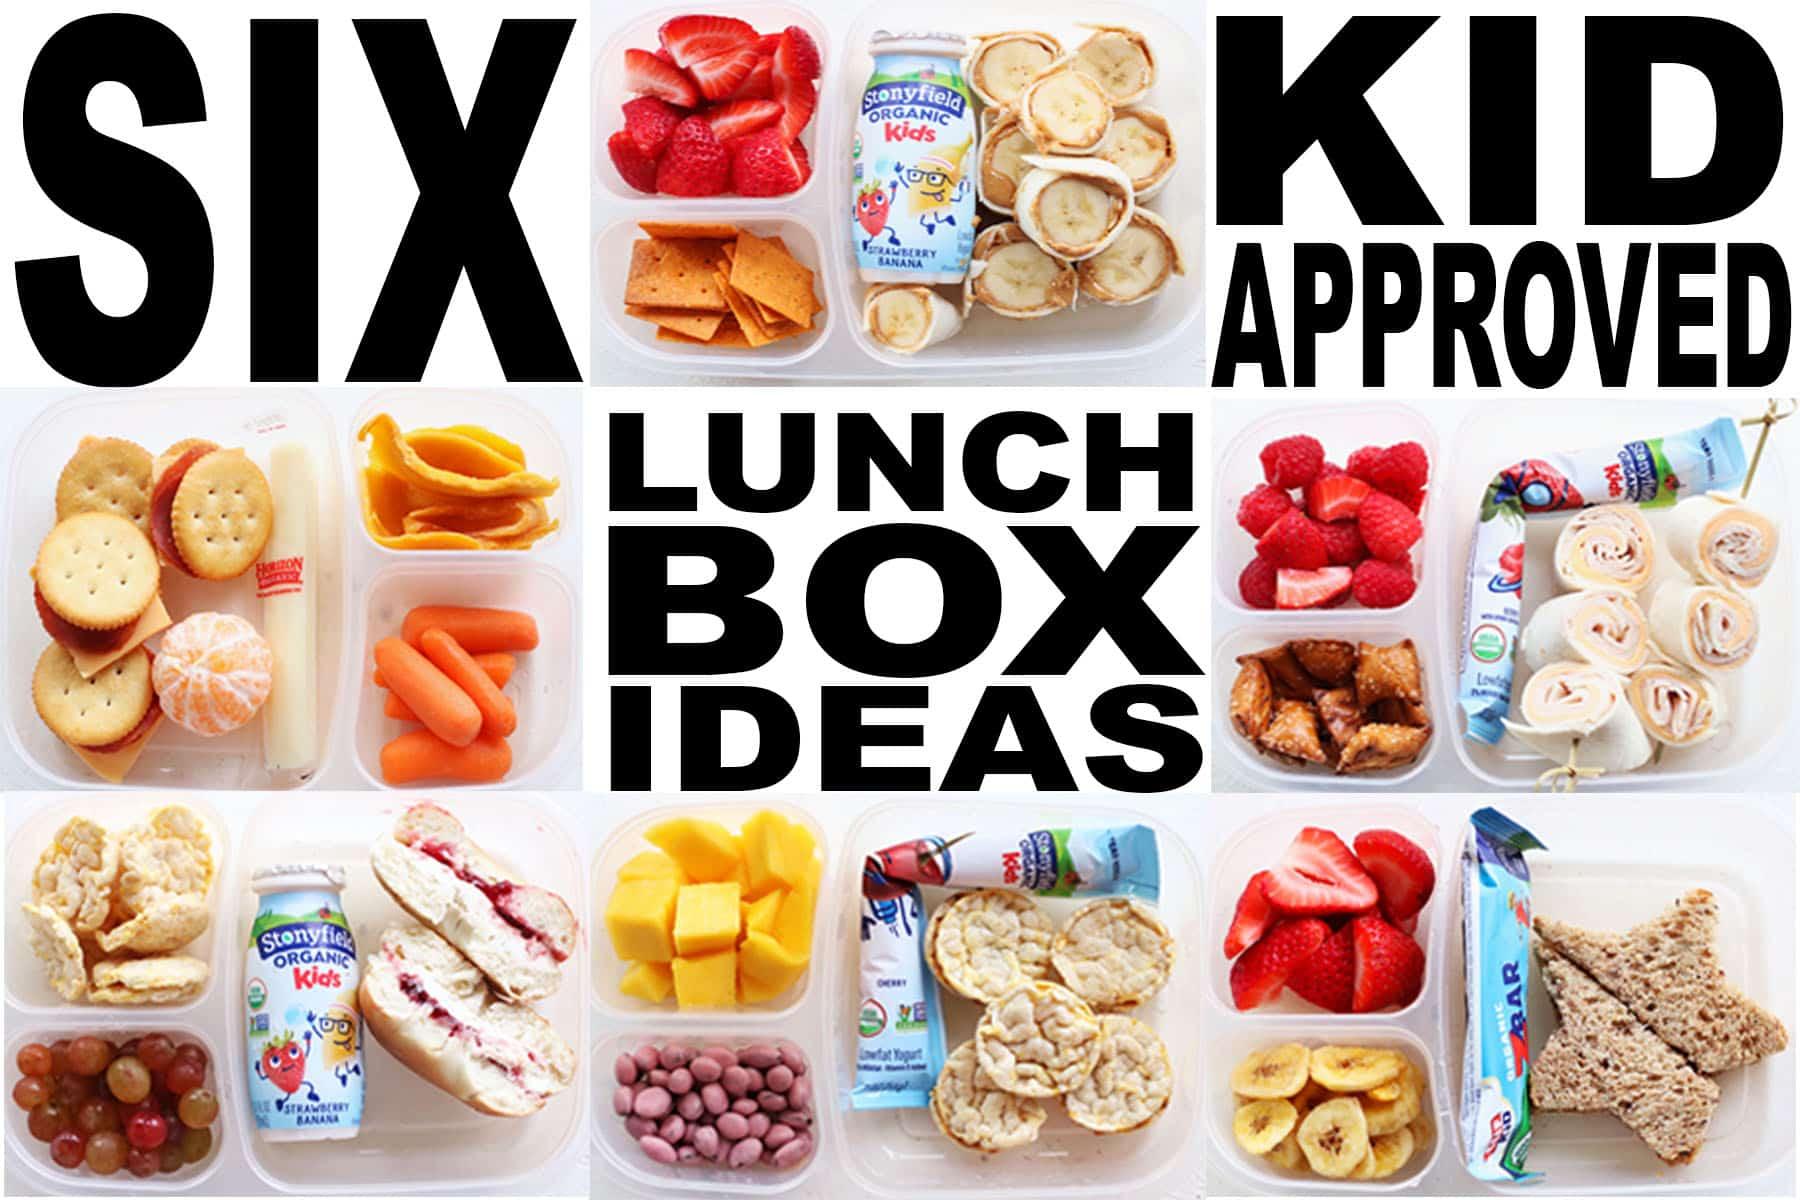 Six School Lunchbox Ideas